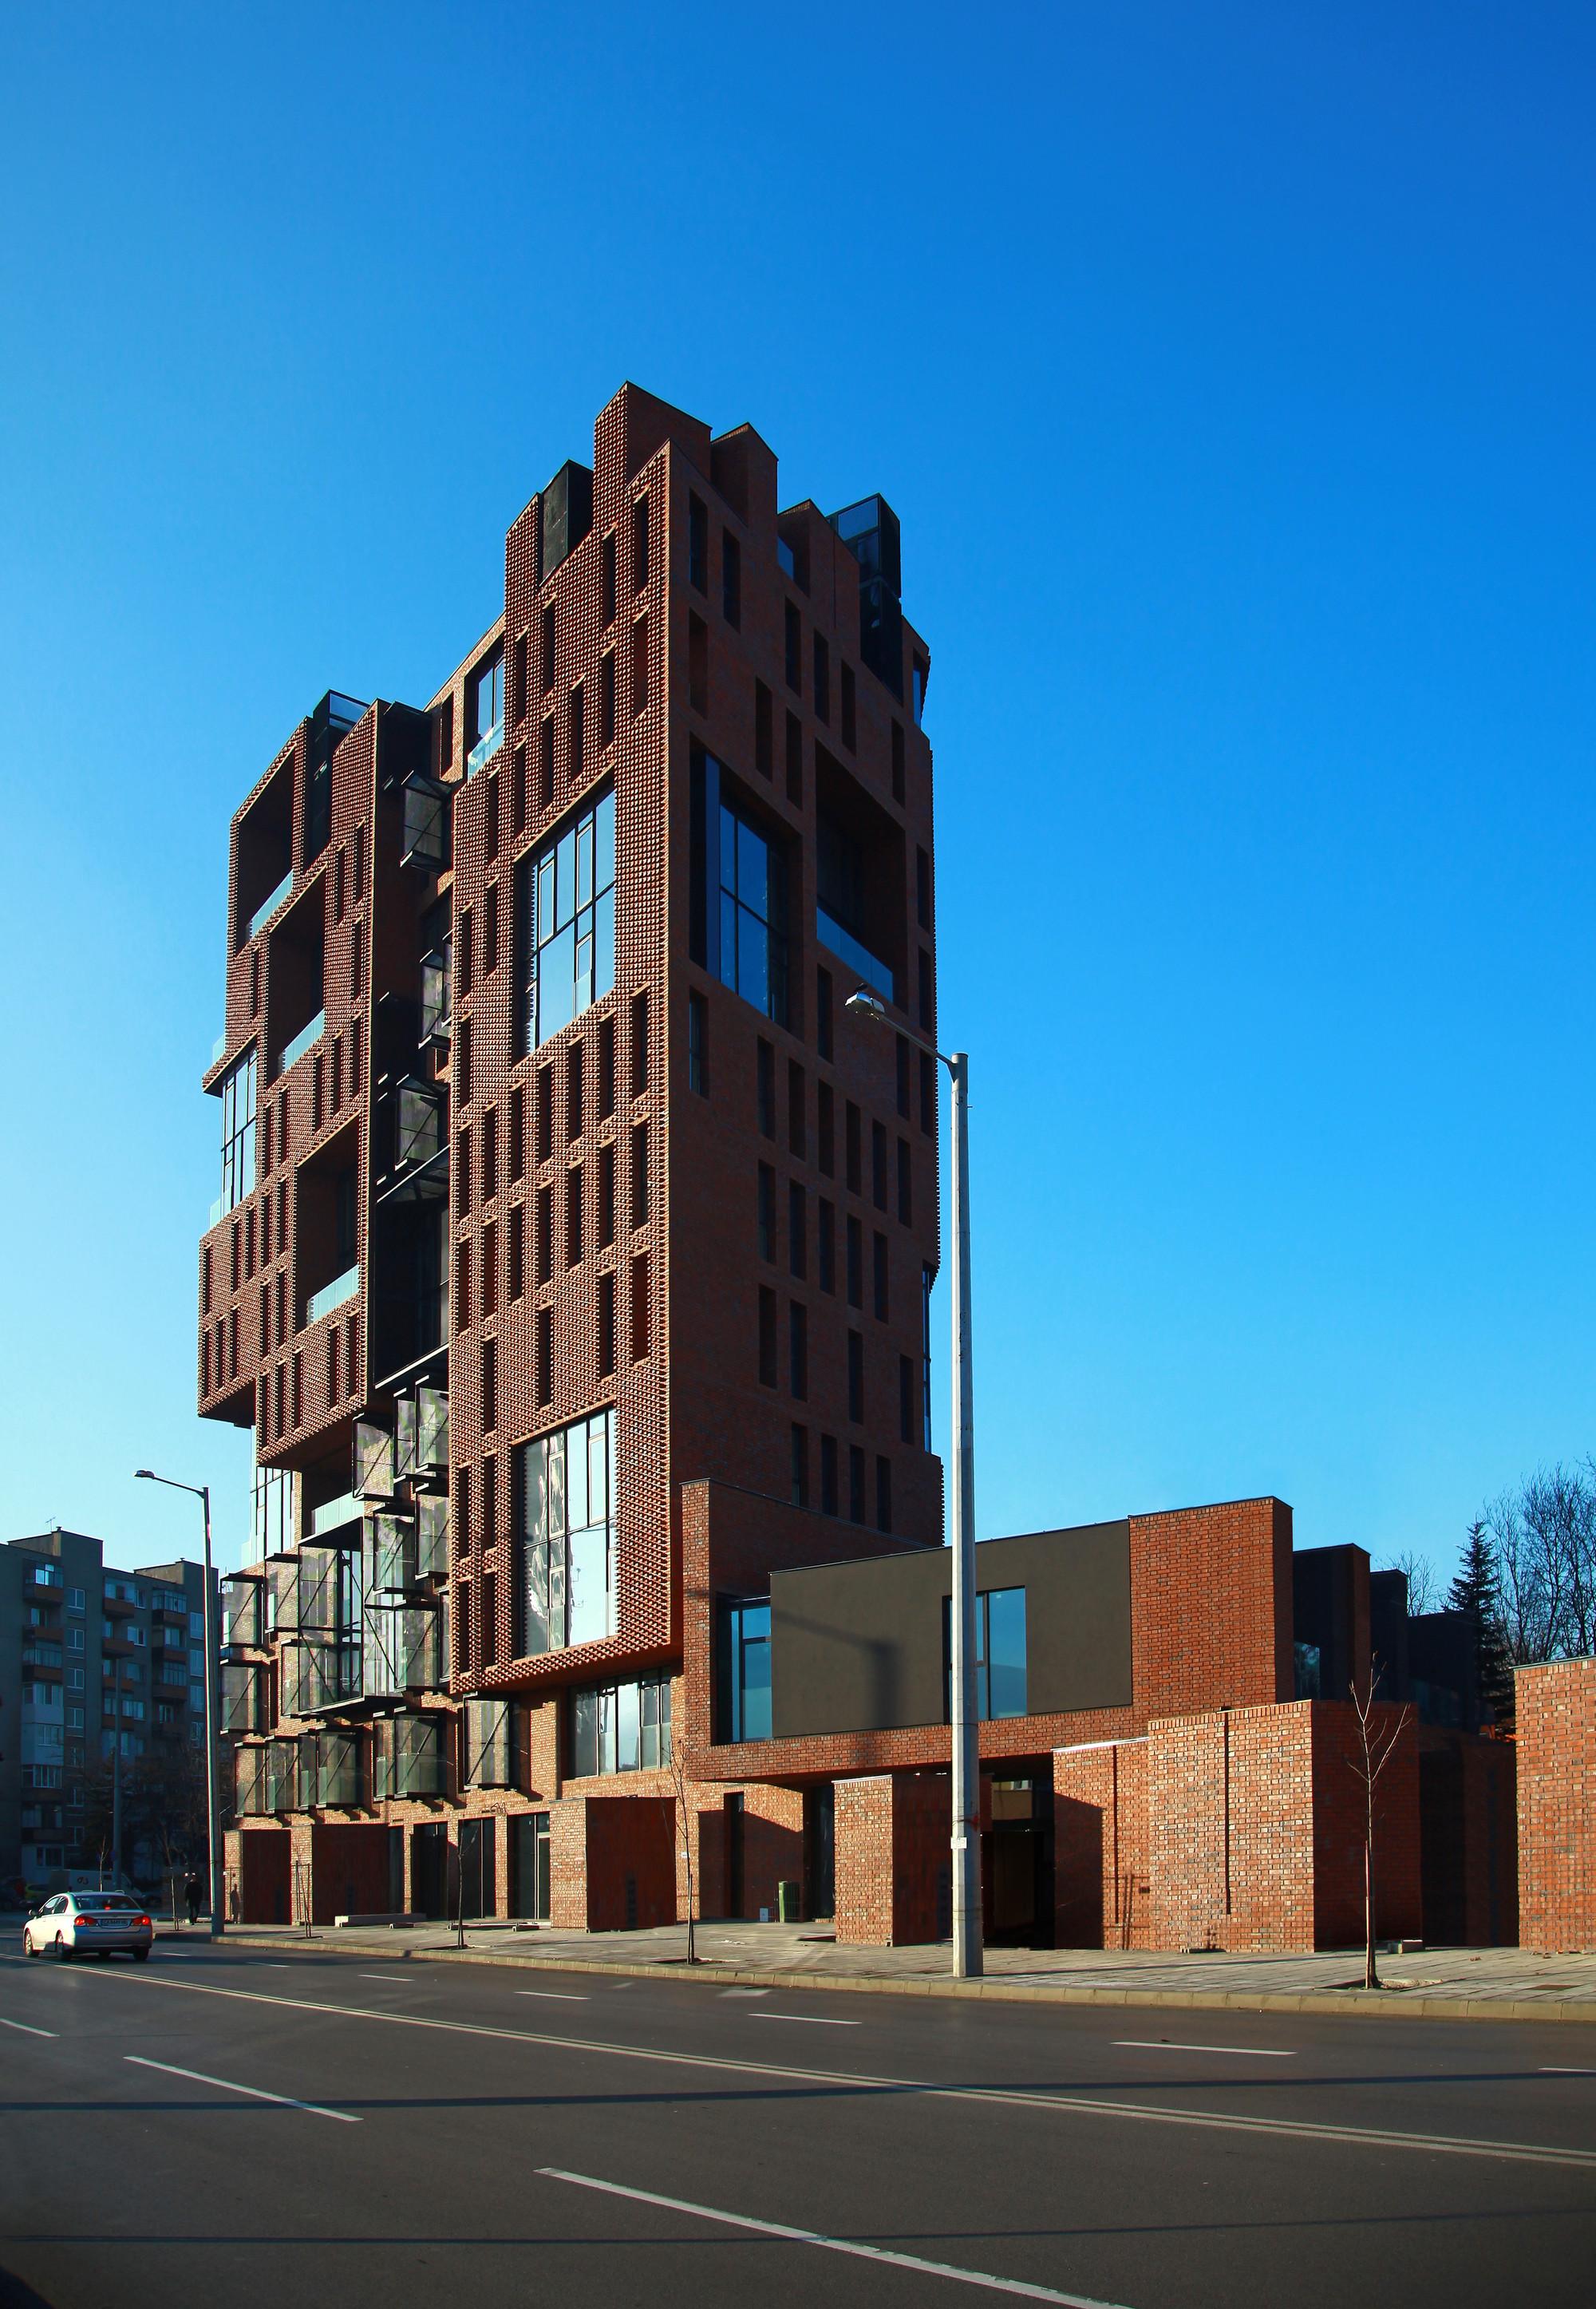 Galeria de Edifício de Apartamentos Red Apple / Aedes ...